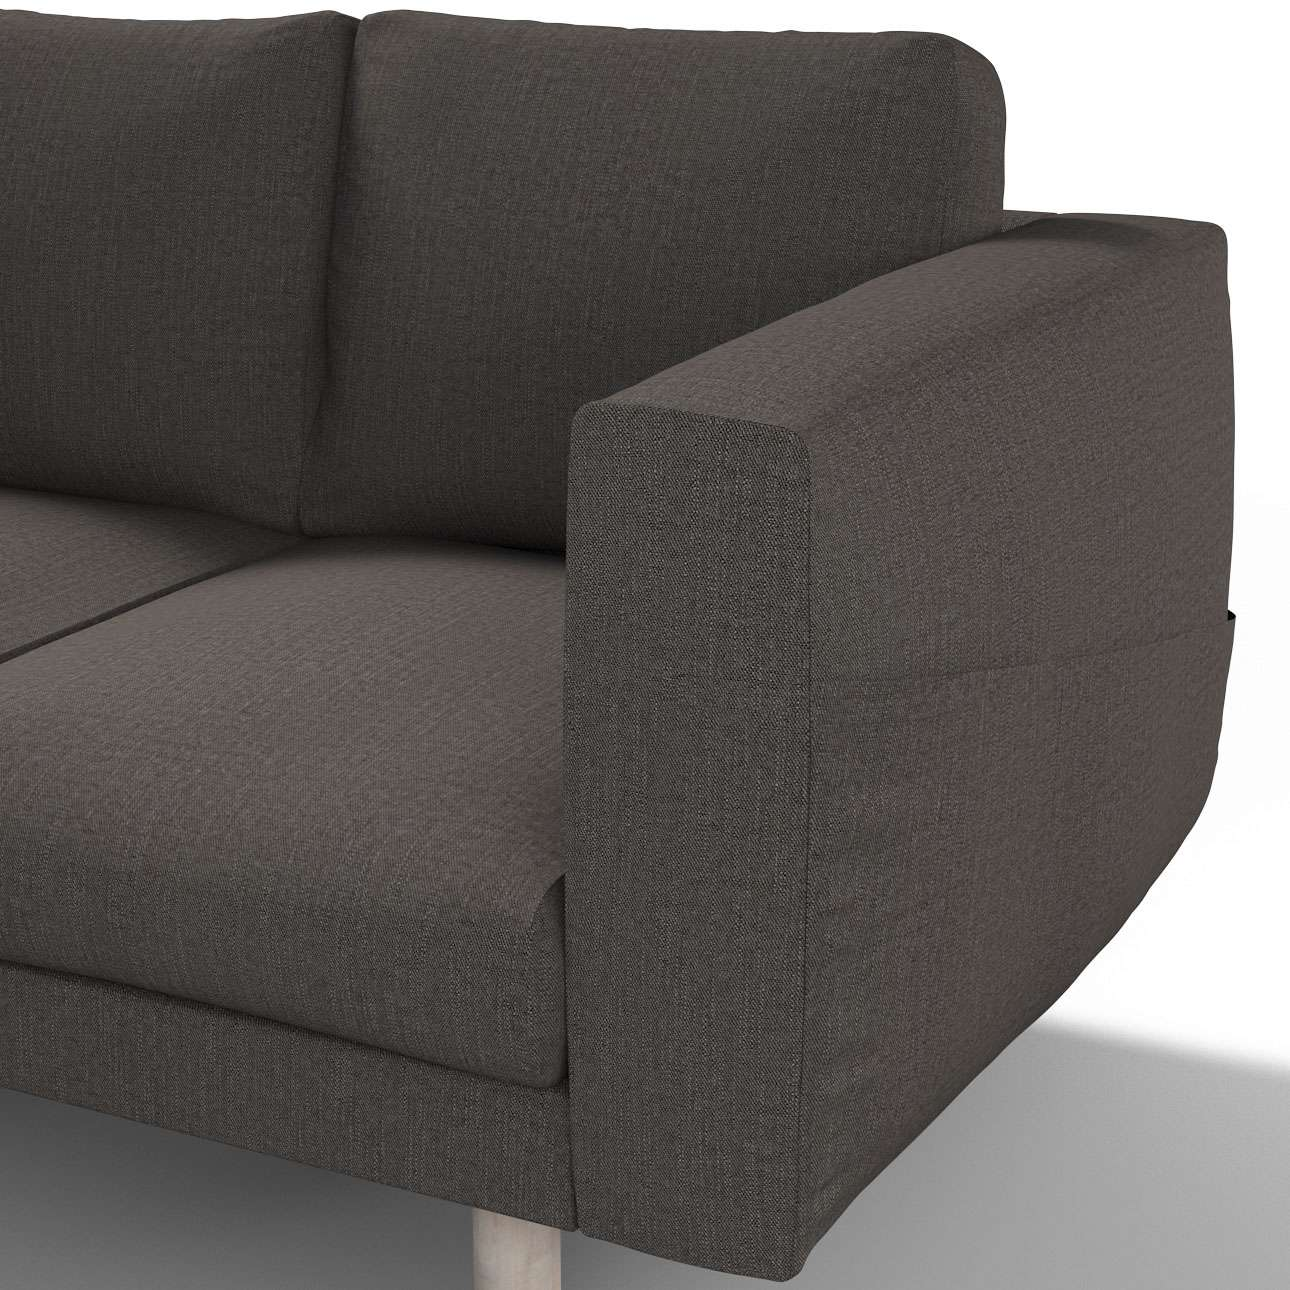 Pokrowiec na sofę Norsborg 3-osobową w kolekcji Vintage, tkanina: 702-36